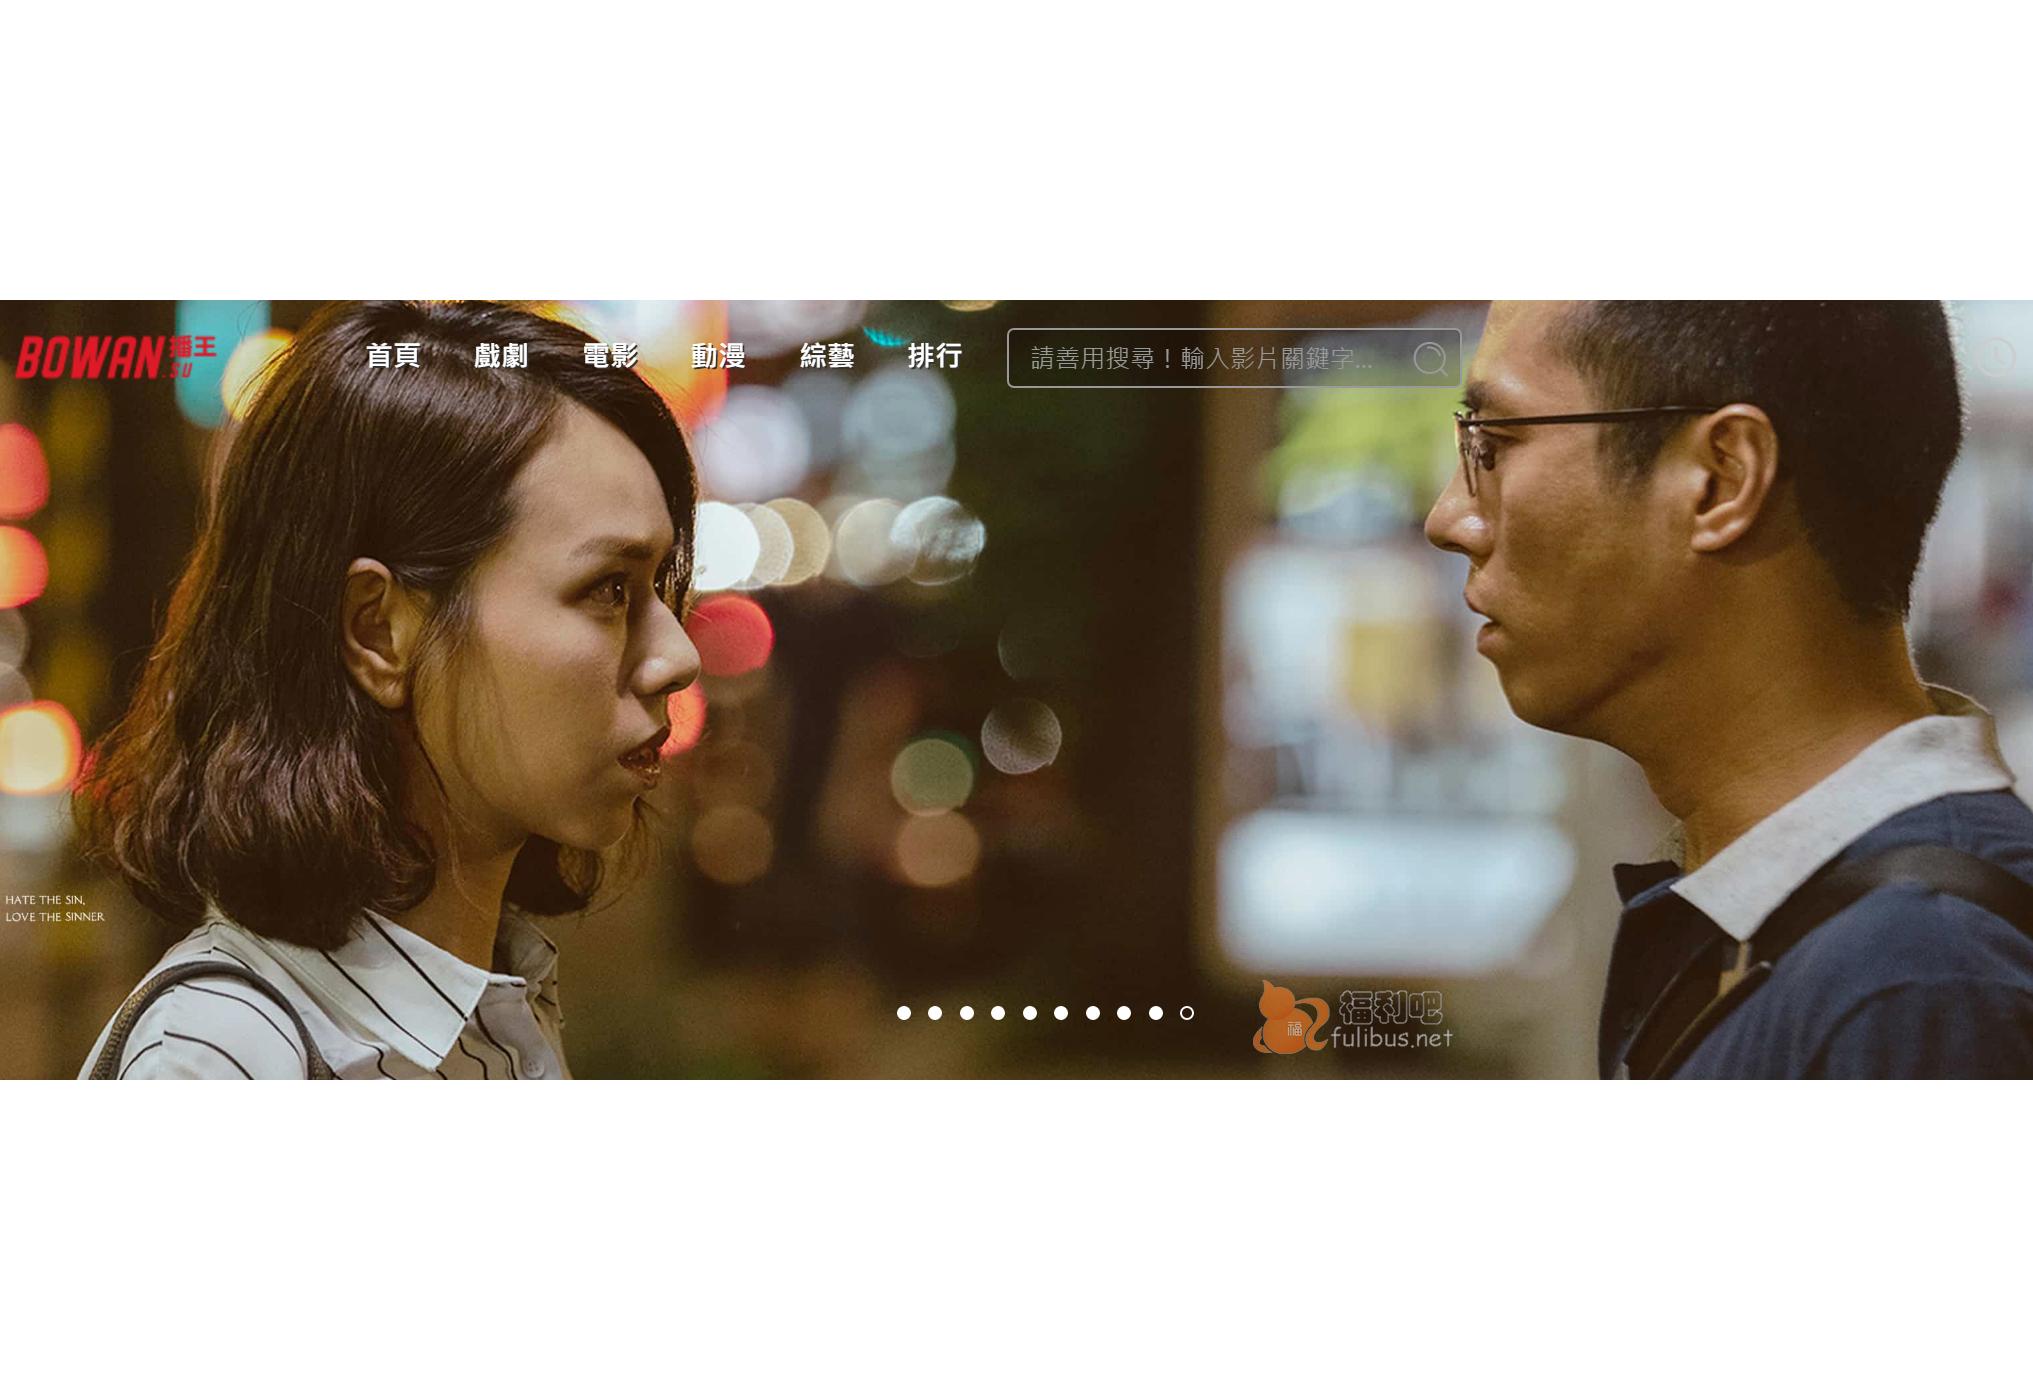 大陆工作的台湾老司机推荐的电影网站,播王